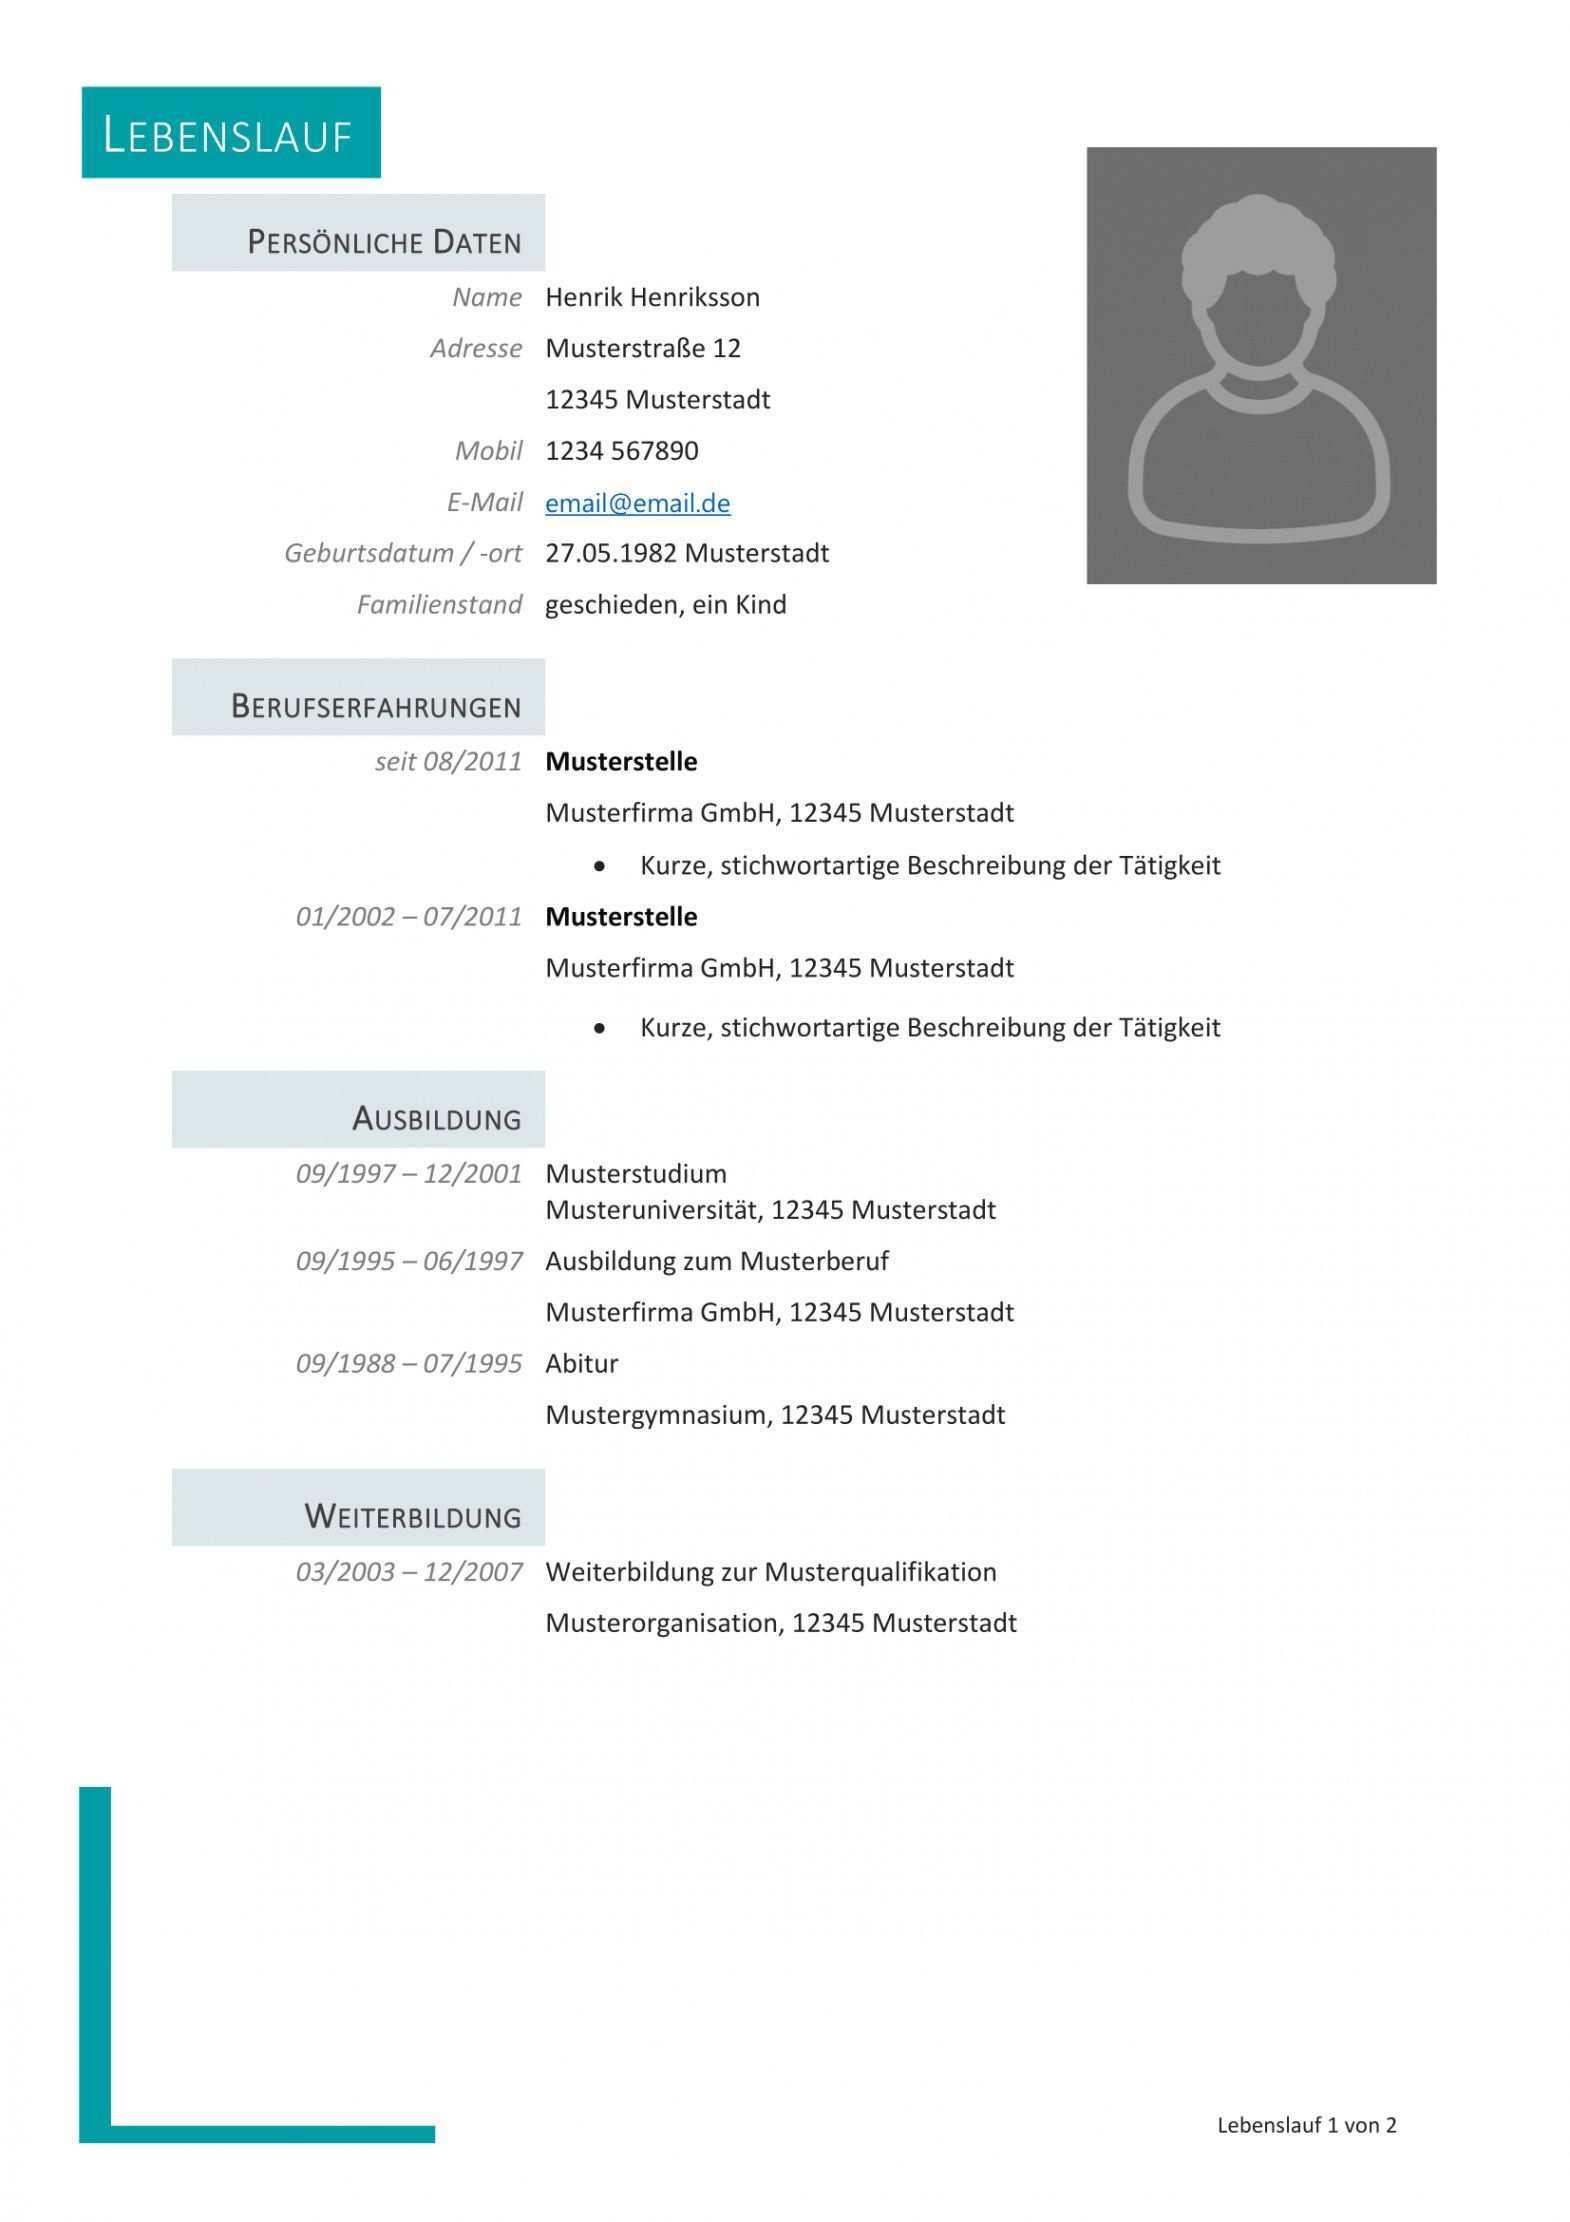 Scrollen Unsere Druckbar Von Vorlage Lebenslauf Zum Ausfullen In 2020 Vorlagen Lebenslauf Lebenslauf Lebenslauf Tipps